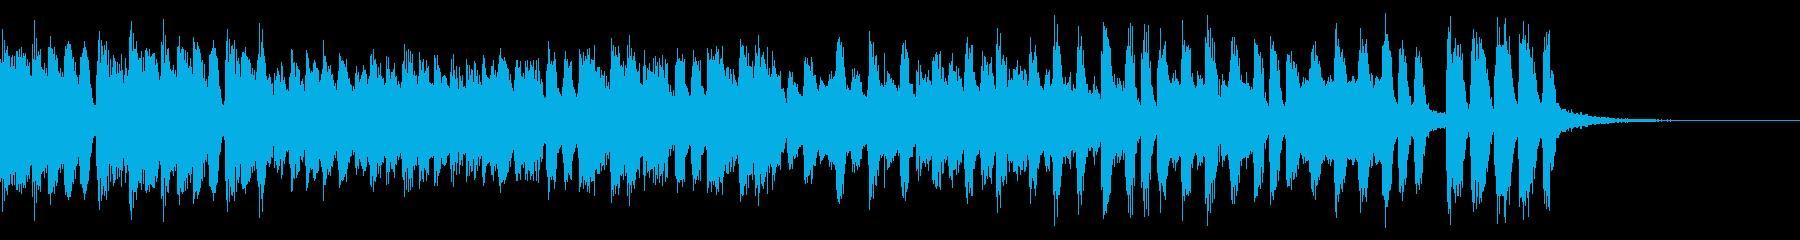 ピアノの賑やかなショートミュージックの再生済みの波形